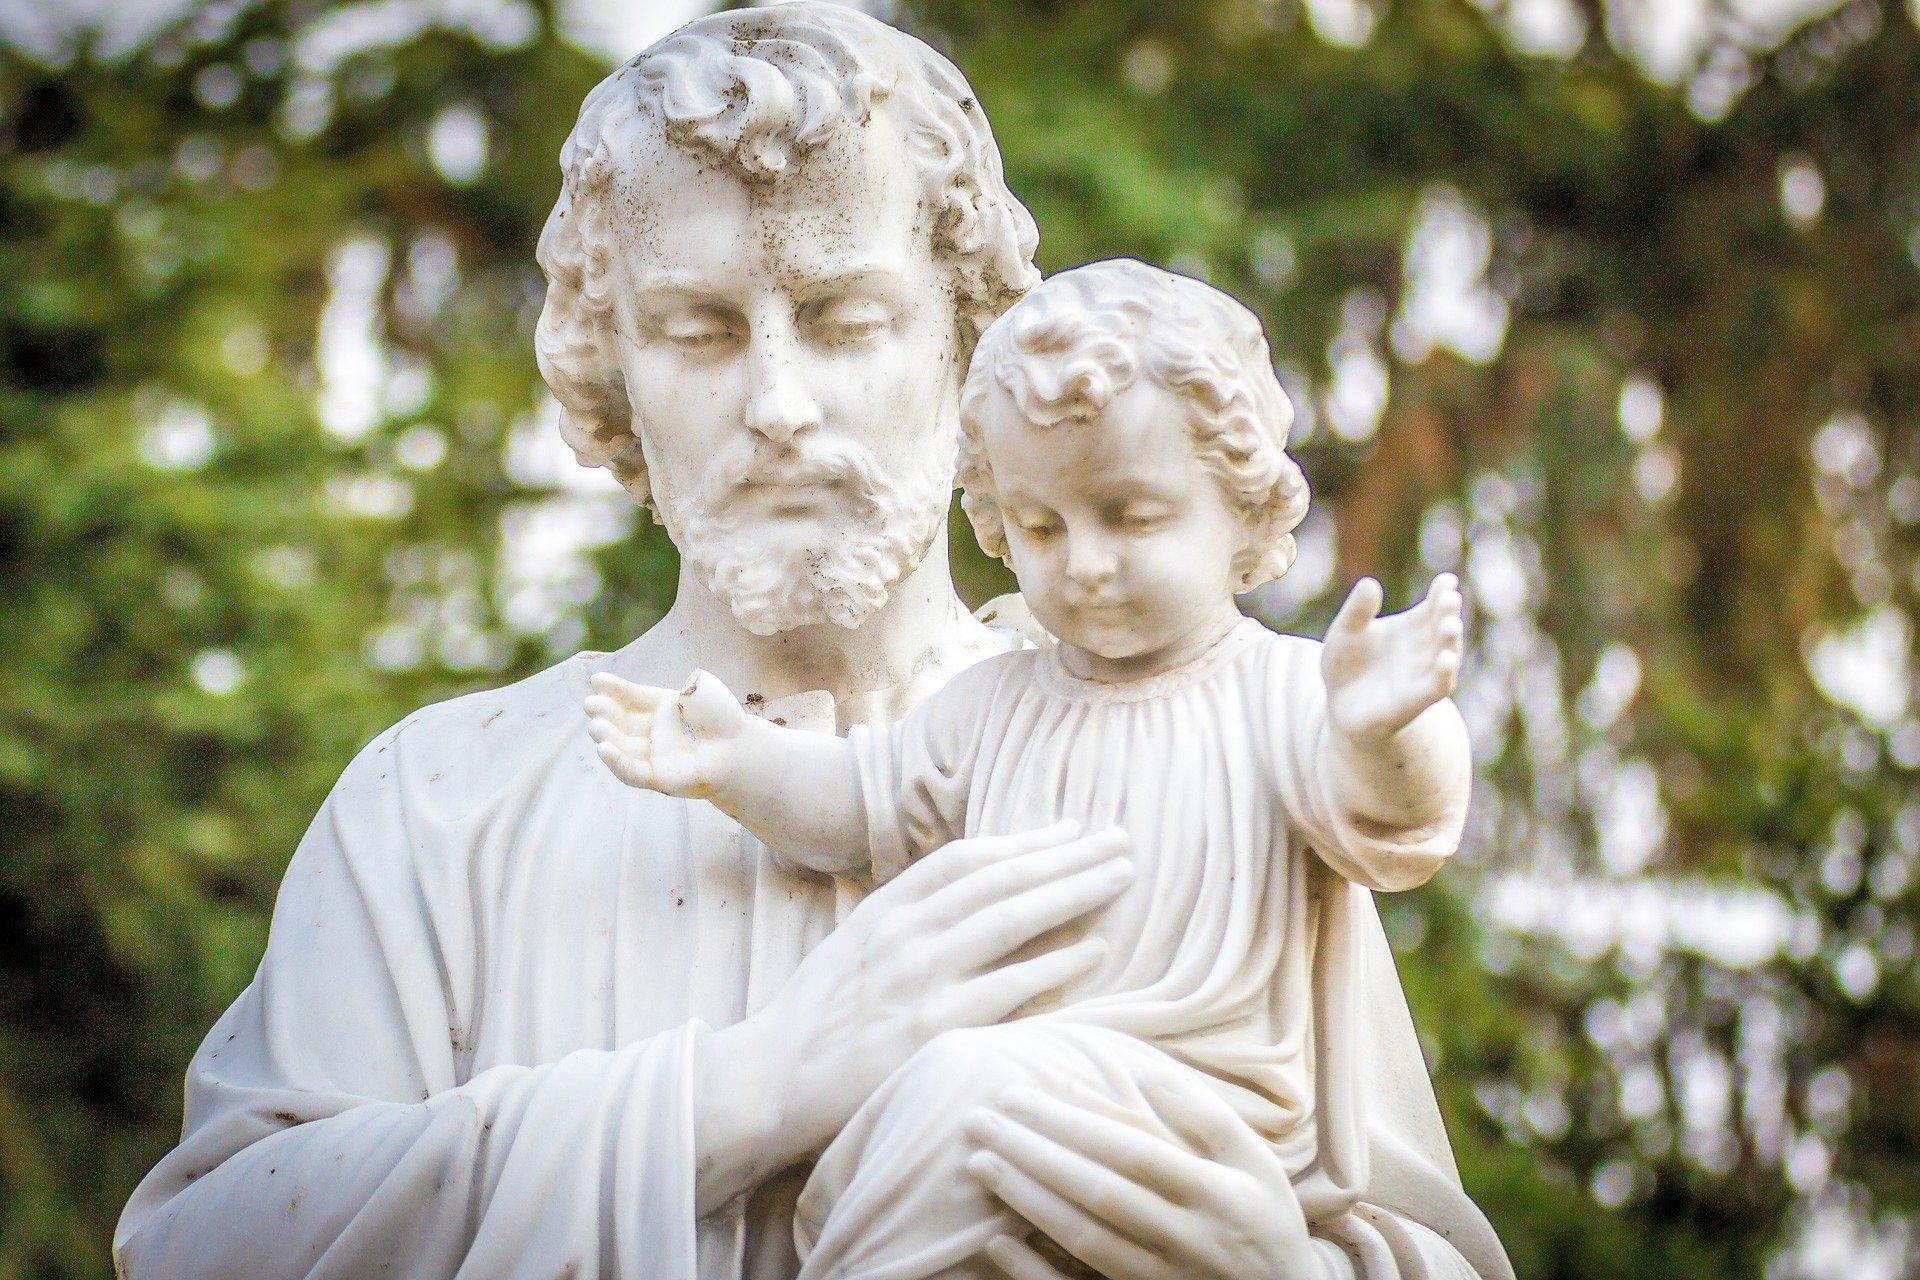 « Dans la vie cachée de Nazareth, Jésus a appris à faire la volonté du Père à l'école de Joseph. » Lettre apostolique Patris Corde.